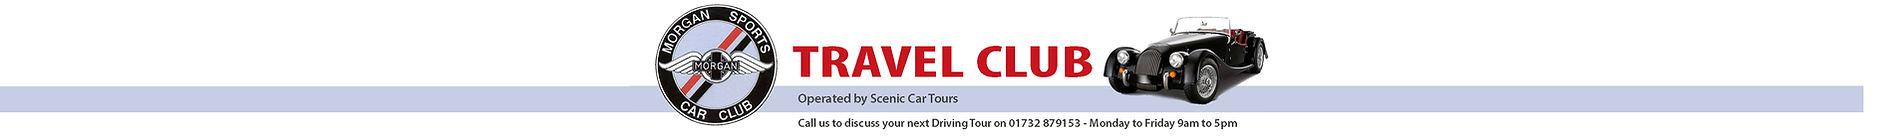 MSCC Header banner V2.jpg